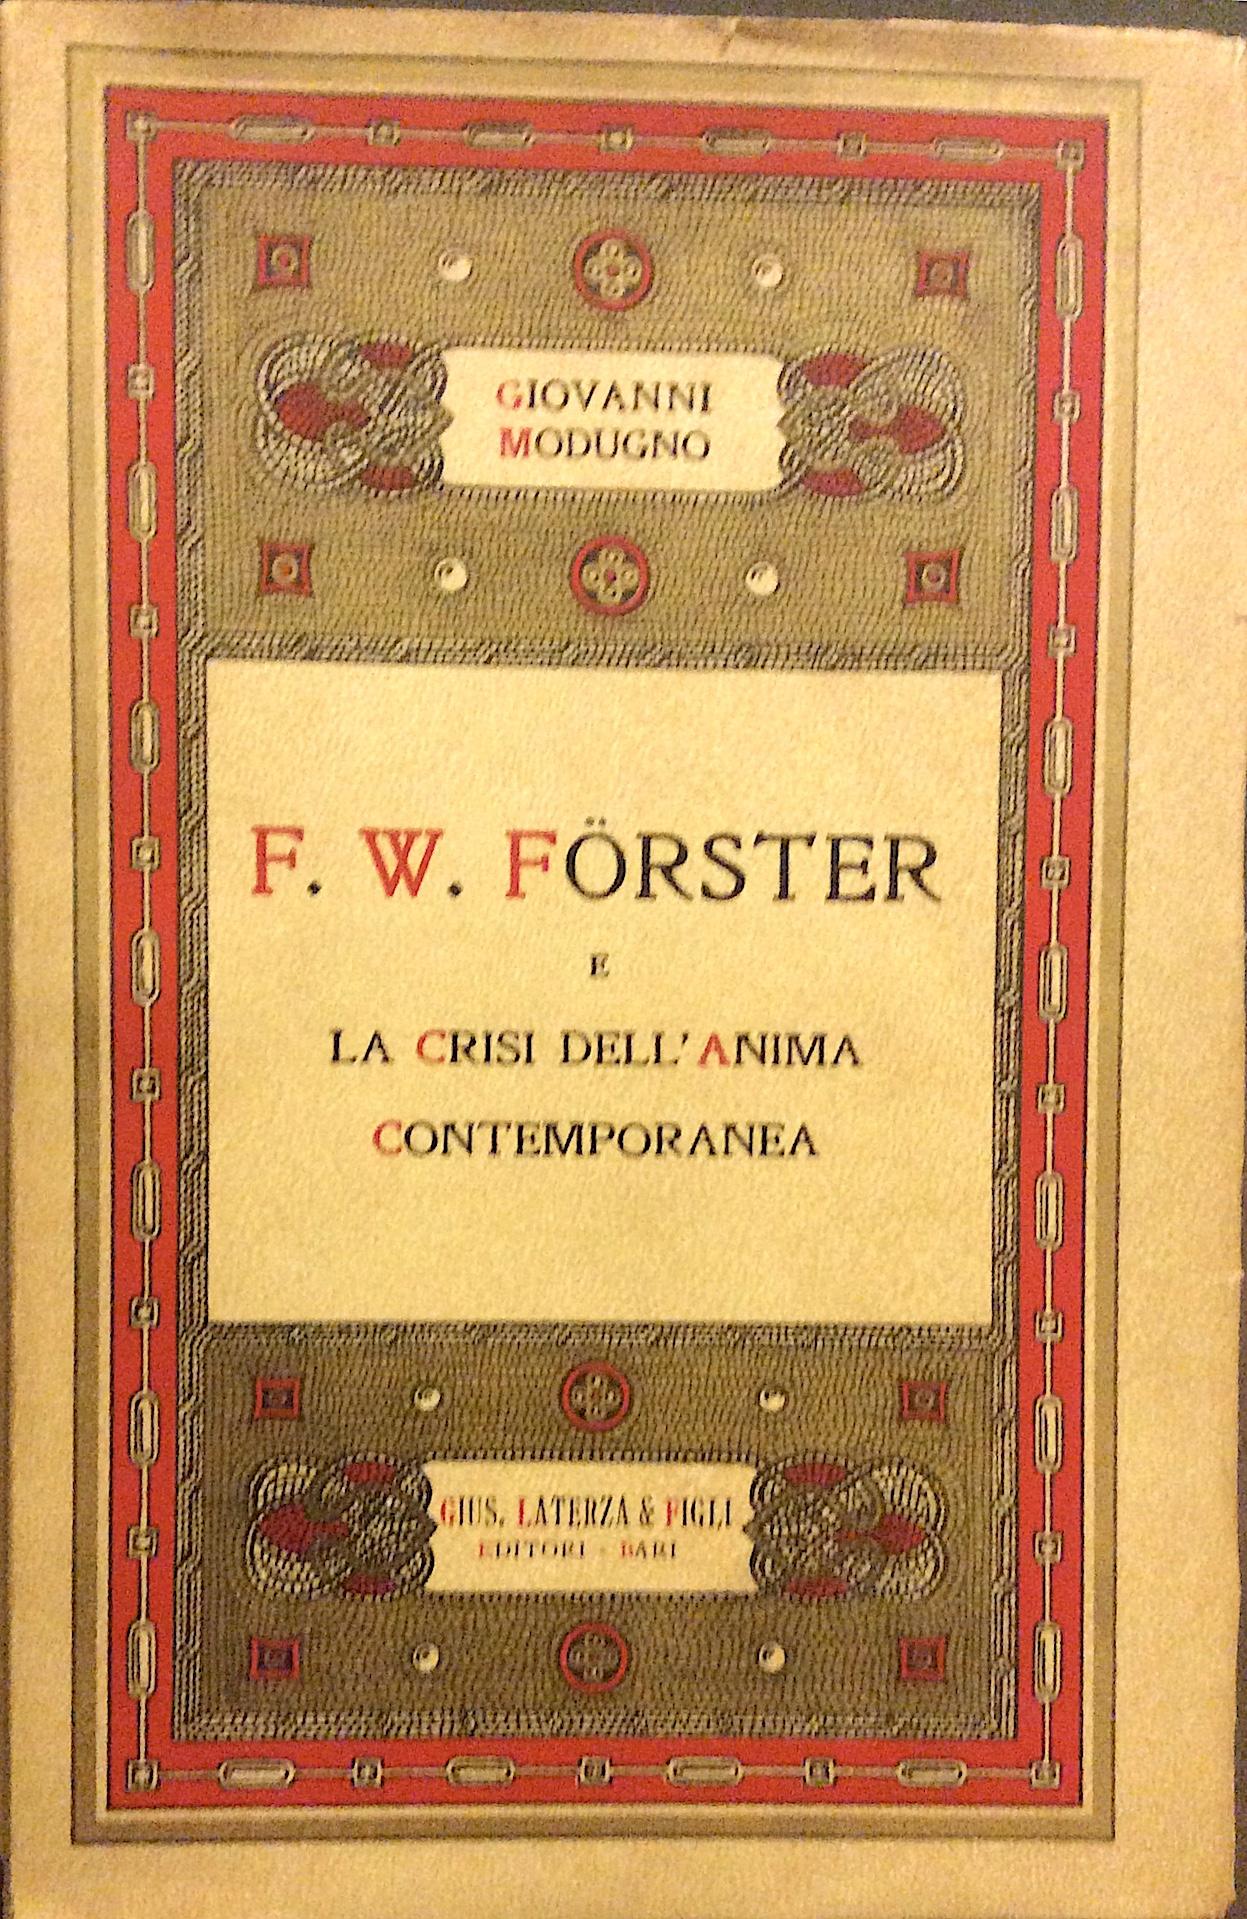 F. W. Forster e la crisi dell'anima contemporanea